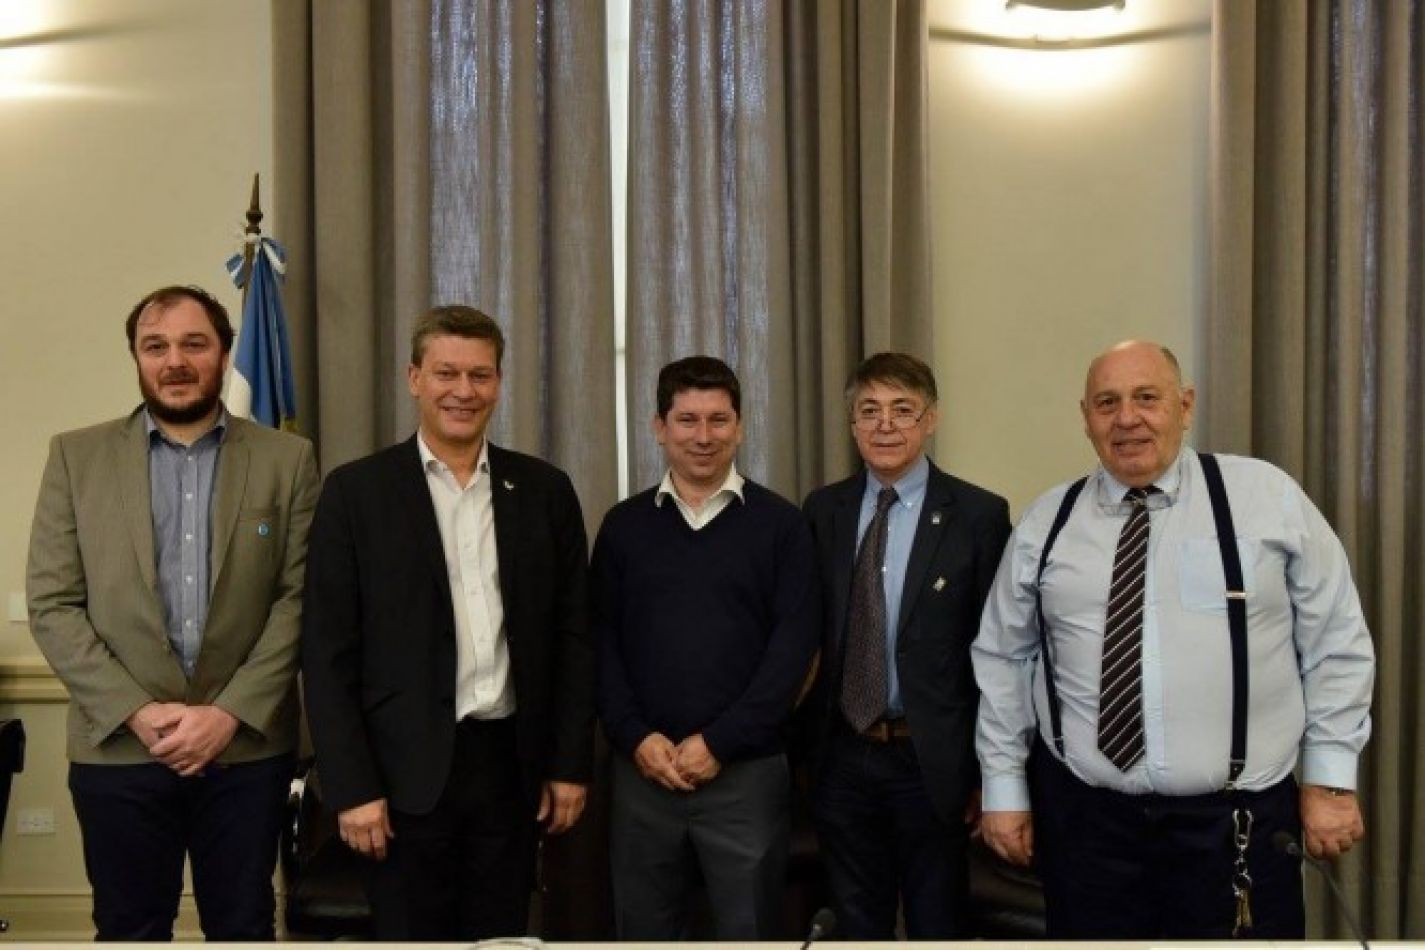 La reunión del CPRES Sur se desarrolló en  el Salón Vera Peñaloza del Ministerio de Educación, Cultura, Ciencia y Tecnología, en Buenos Aires